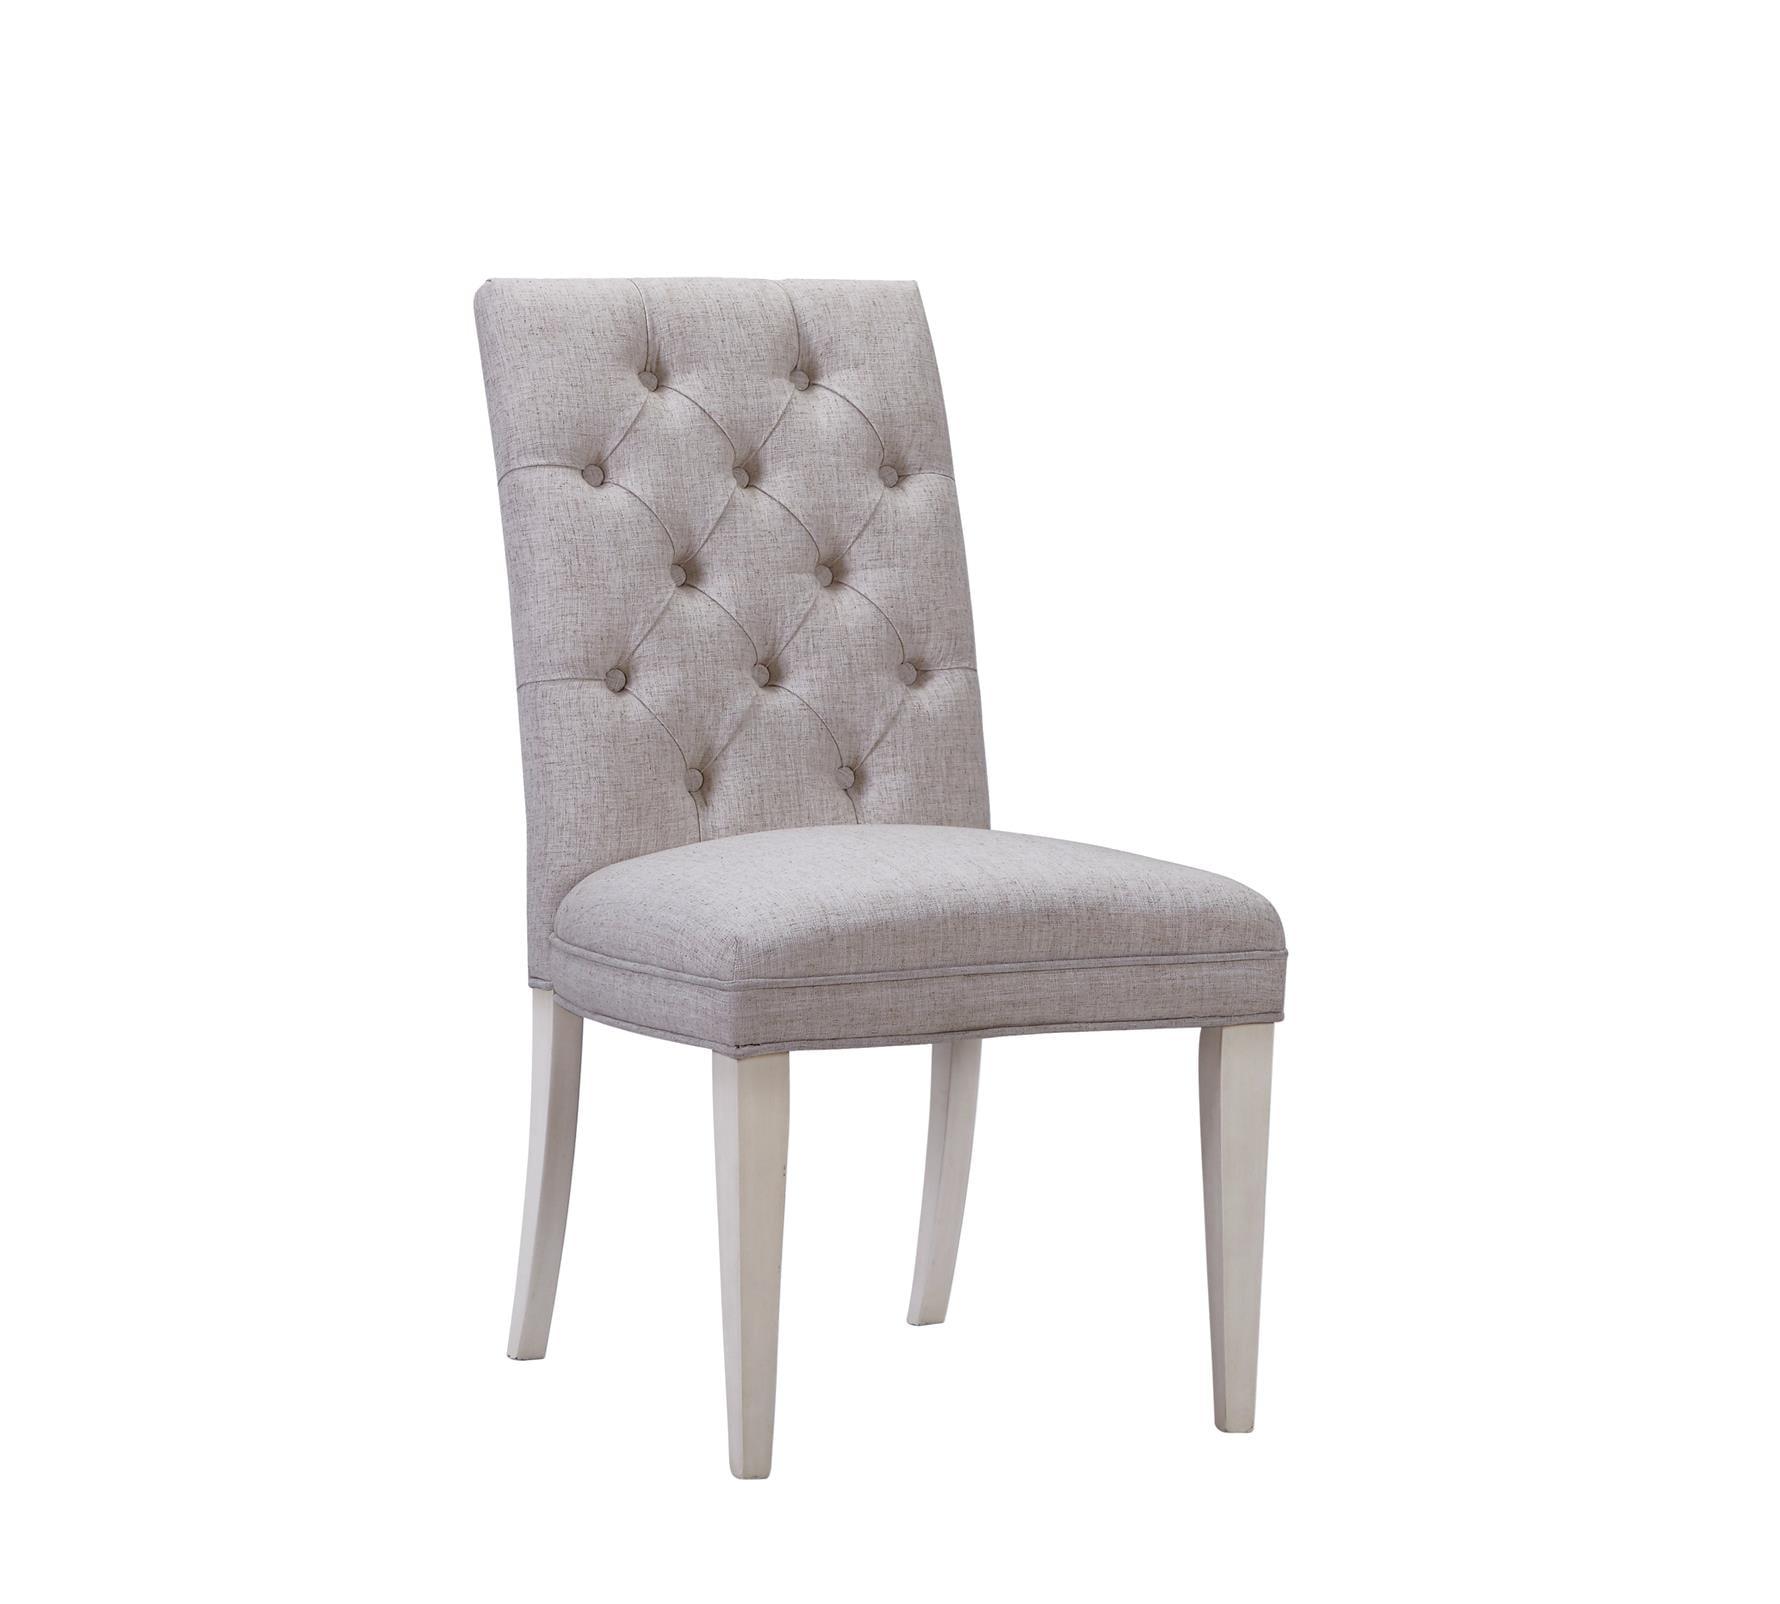 Bassett Mirror Addison Parson Chair DPCH100-835 by